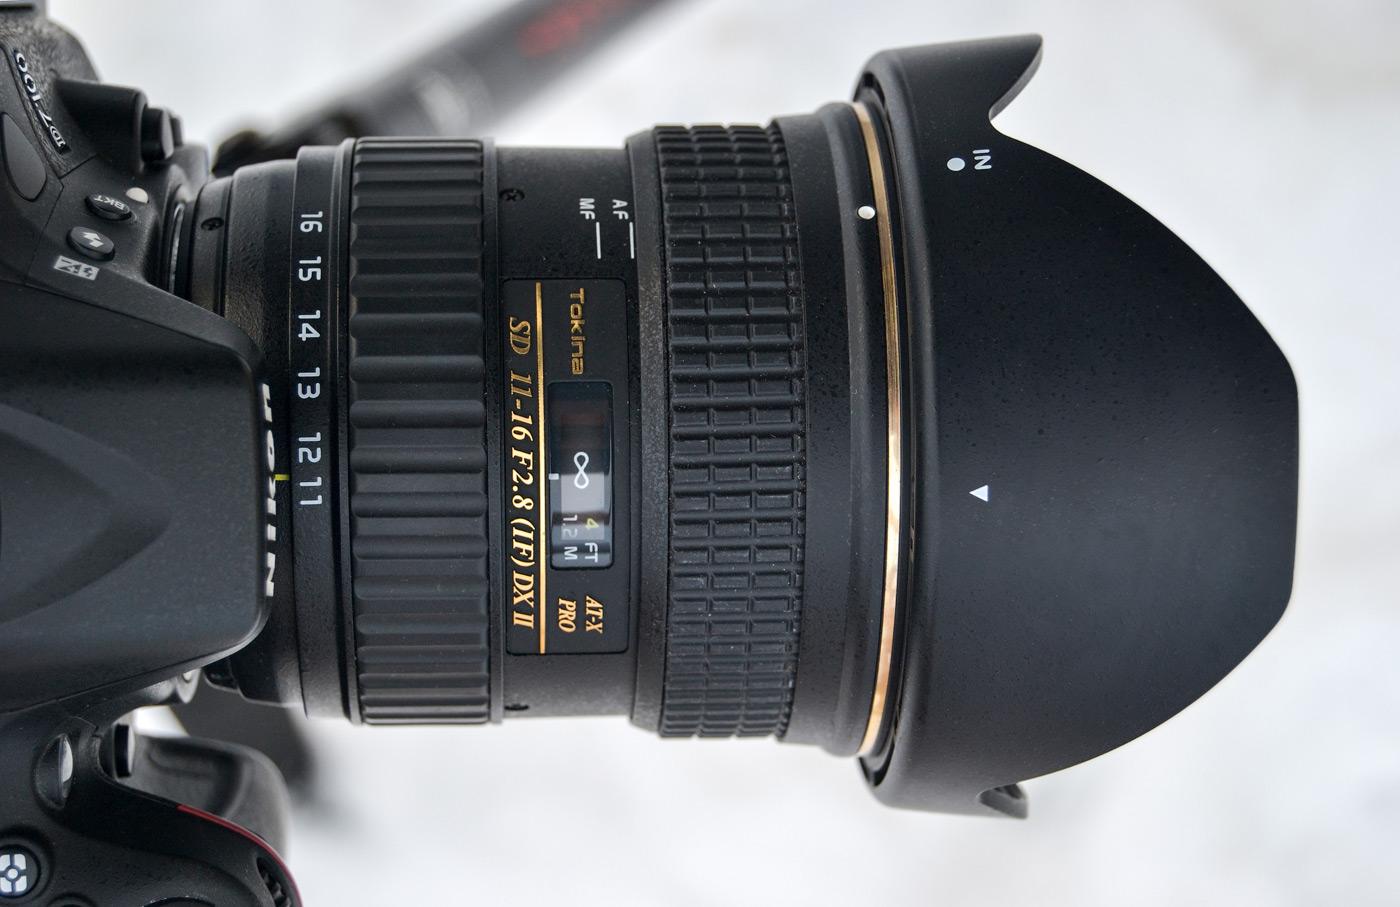 Фото 1. Вид объектива Tokina 11-16mm f/2.8 на тушке Nikon D7100. Отзывы владельца. Снято на любительскую зеркалку Nikon D3100 KIT 18-55. Параметры съемки: ФР=50.0 мм, ISO 100, f/5.6, В=1/30 s, поправка экспозиции -2/3 EV.